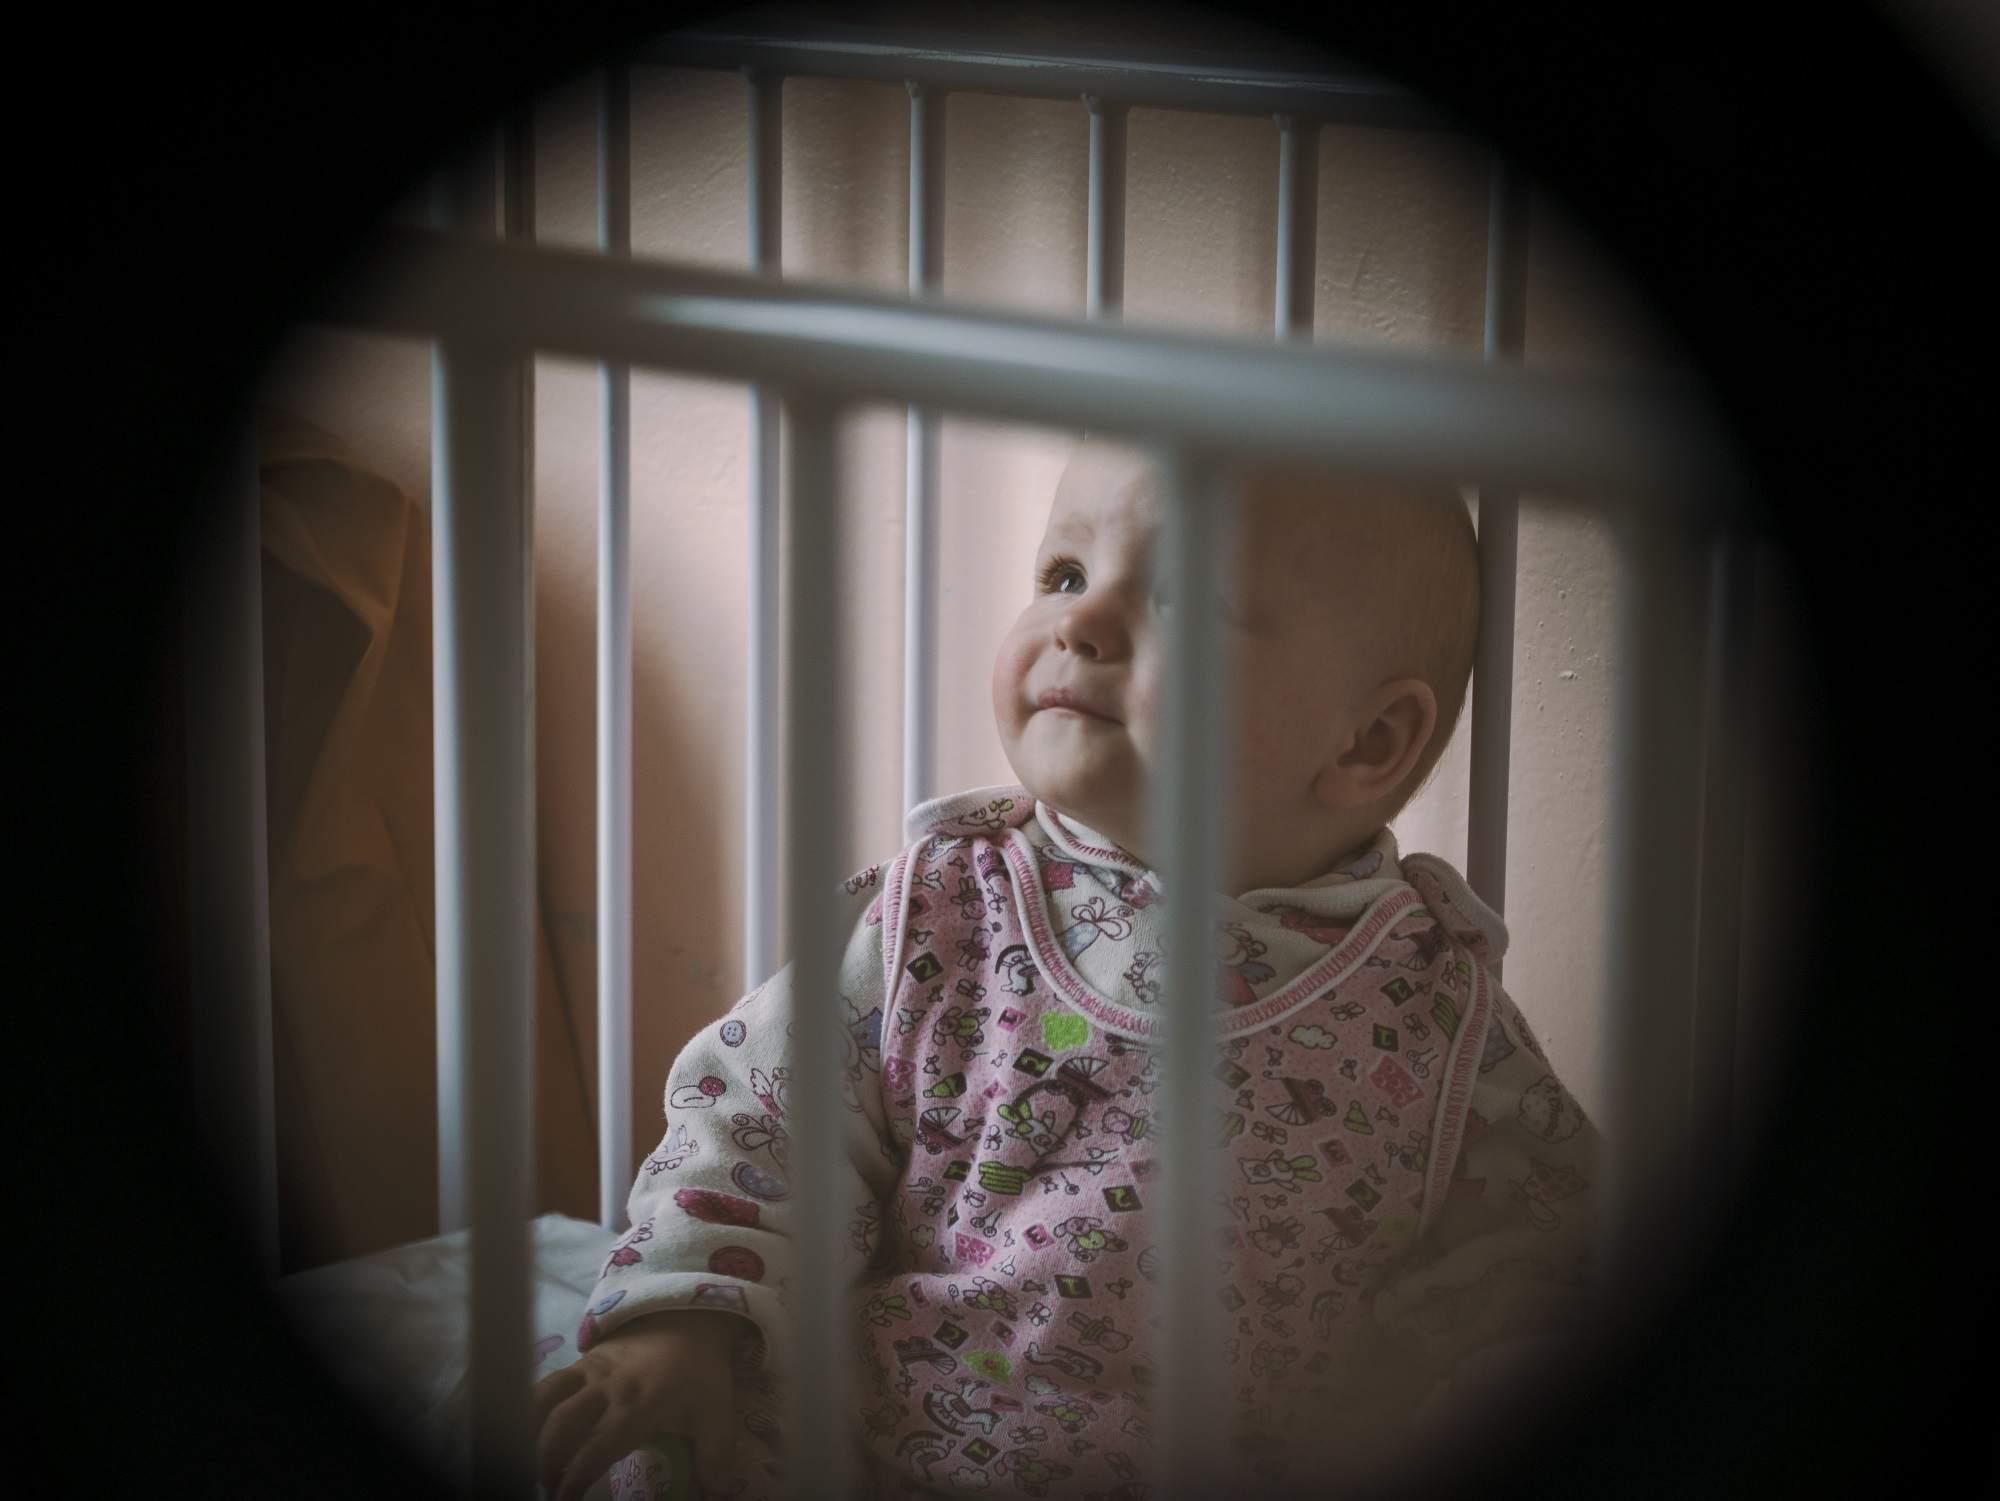 Диана-невидимка. Вбольницах повсей Беларуси плачут малыши-сироты, авзять ихнаруки некому